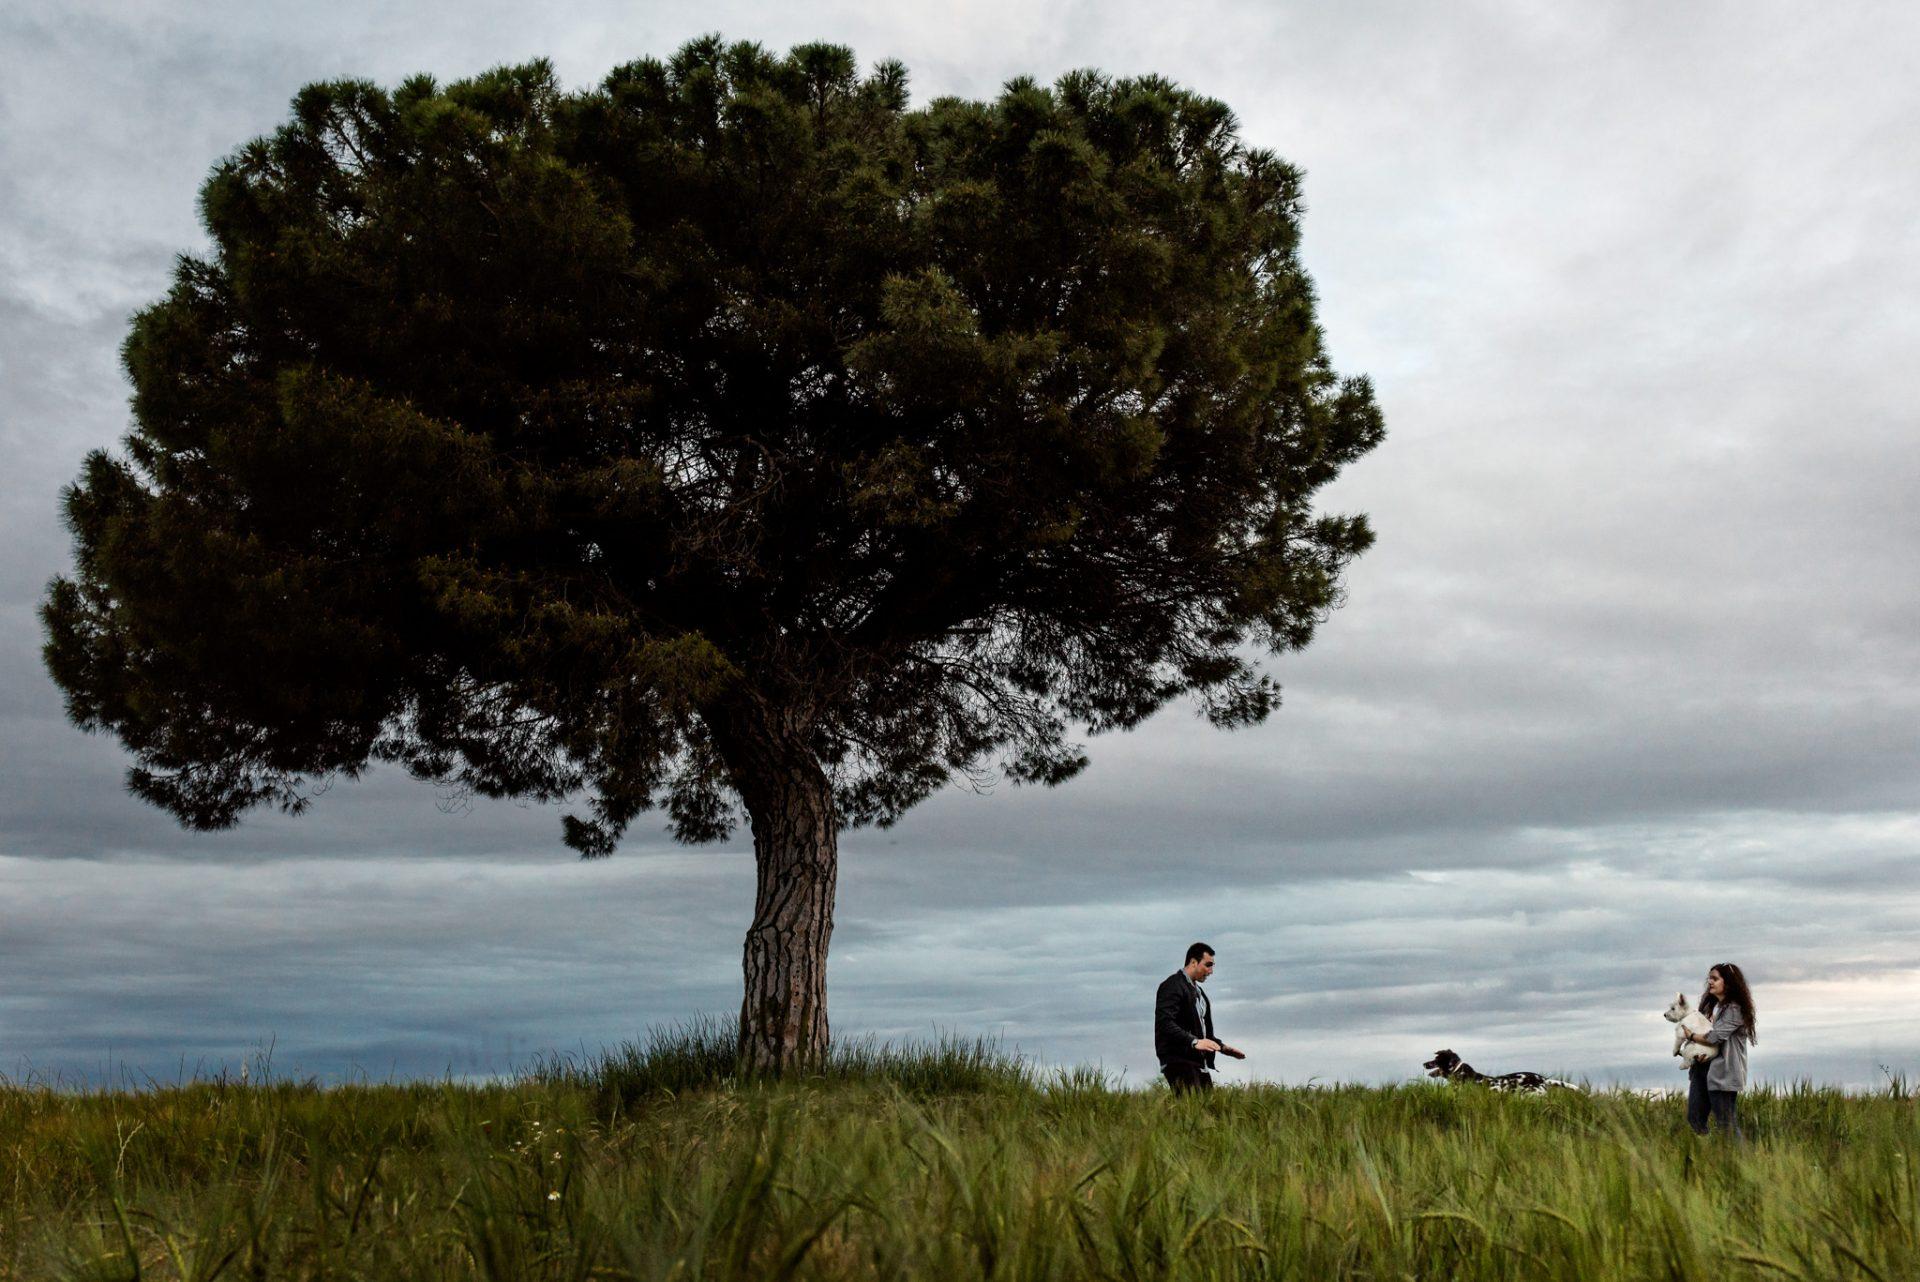 Reportaje fotográfico de preboda original y divertida en Valladolid.